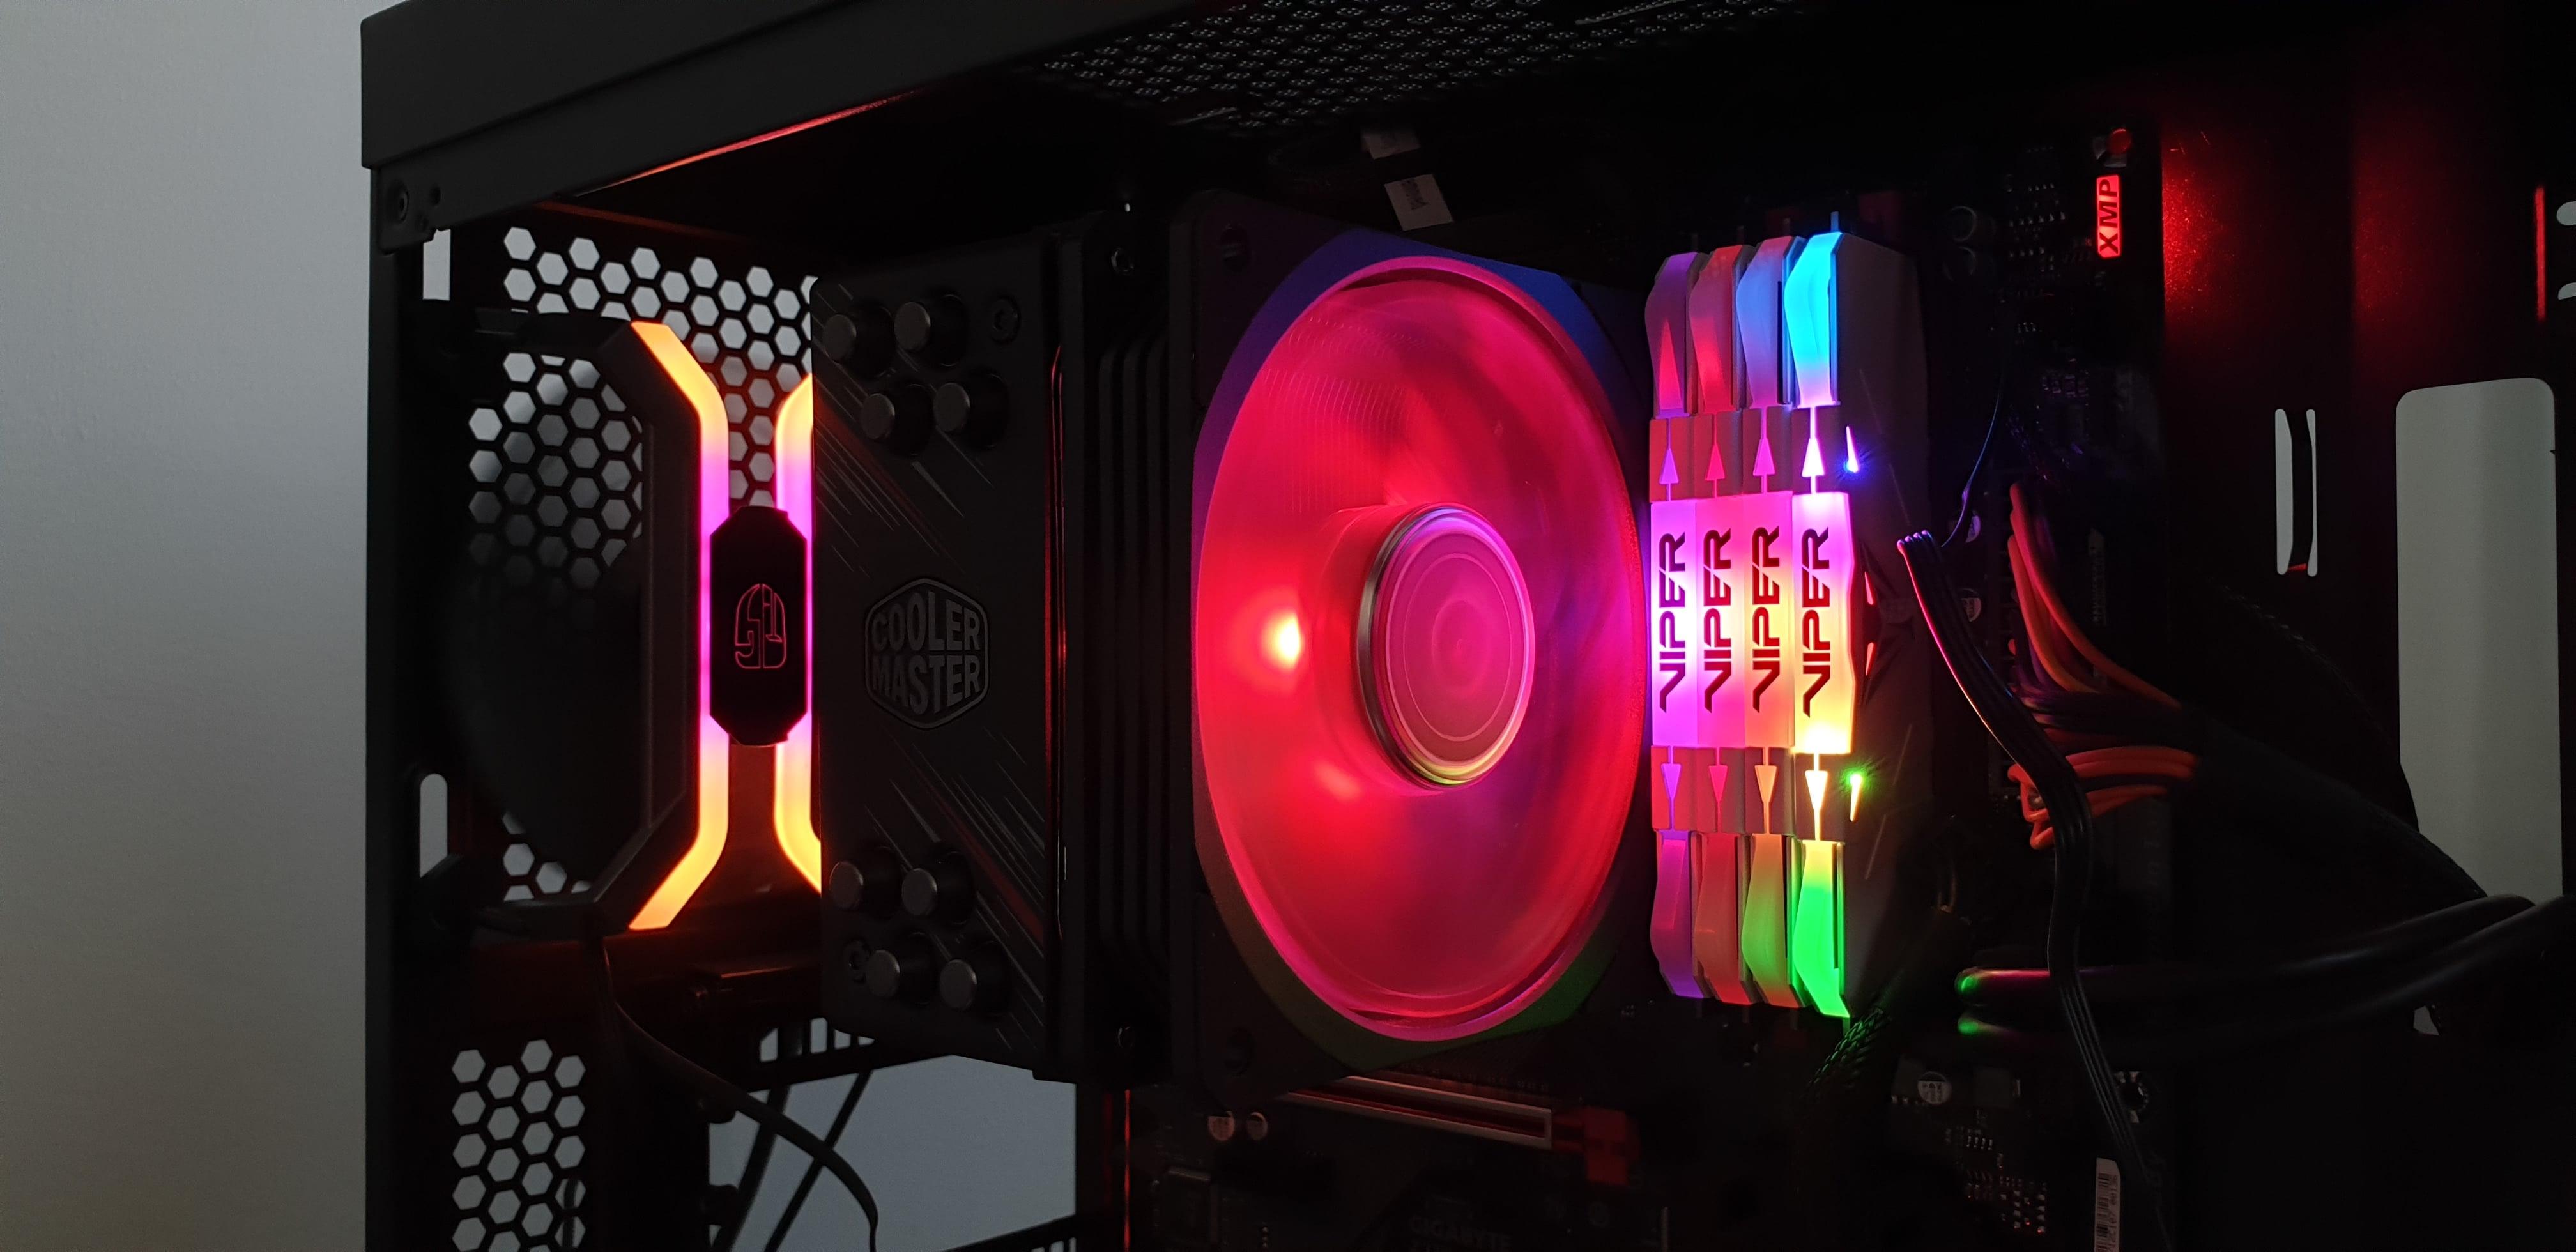 Test pamięci RAM Patriot Viper RGB - sprawdzone kości i agresywny design to klucz do sukcesu? 17